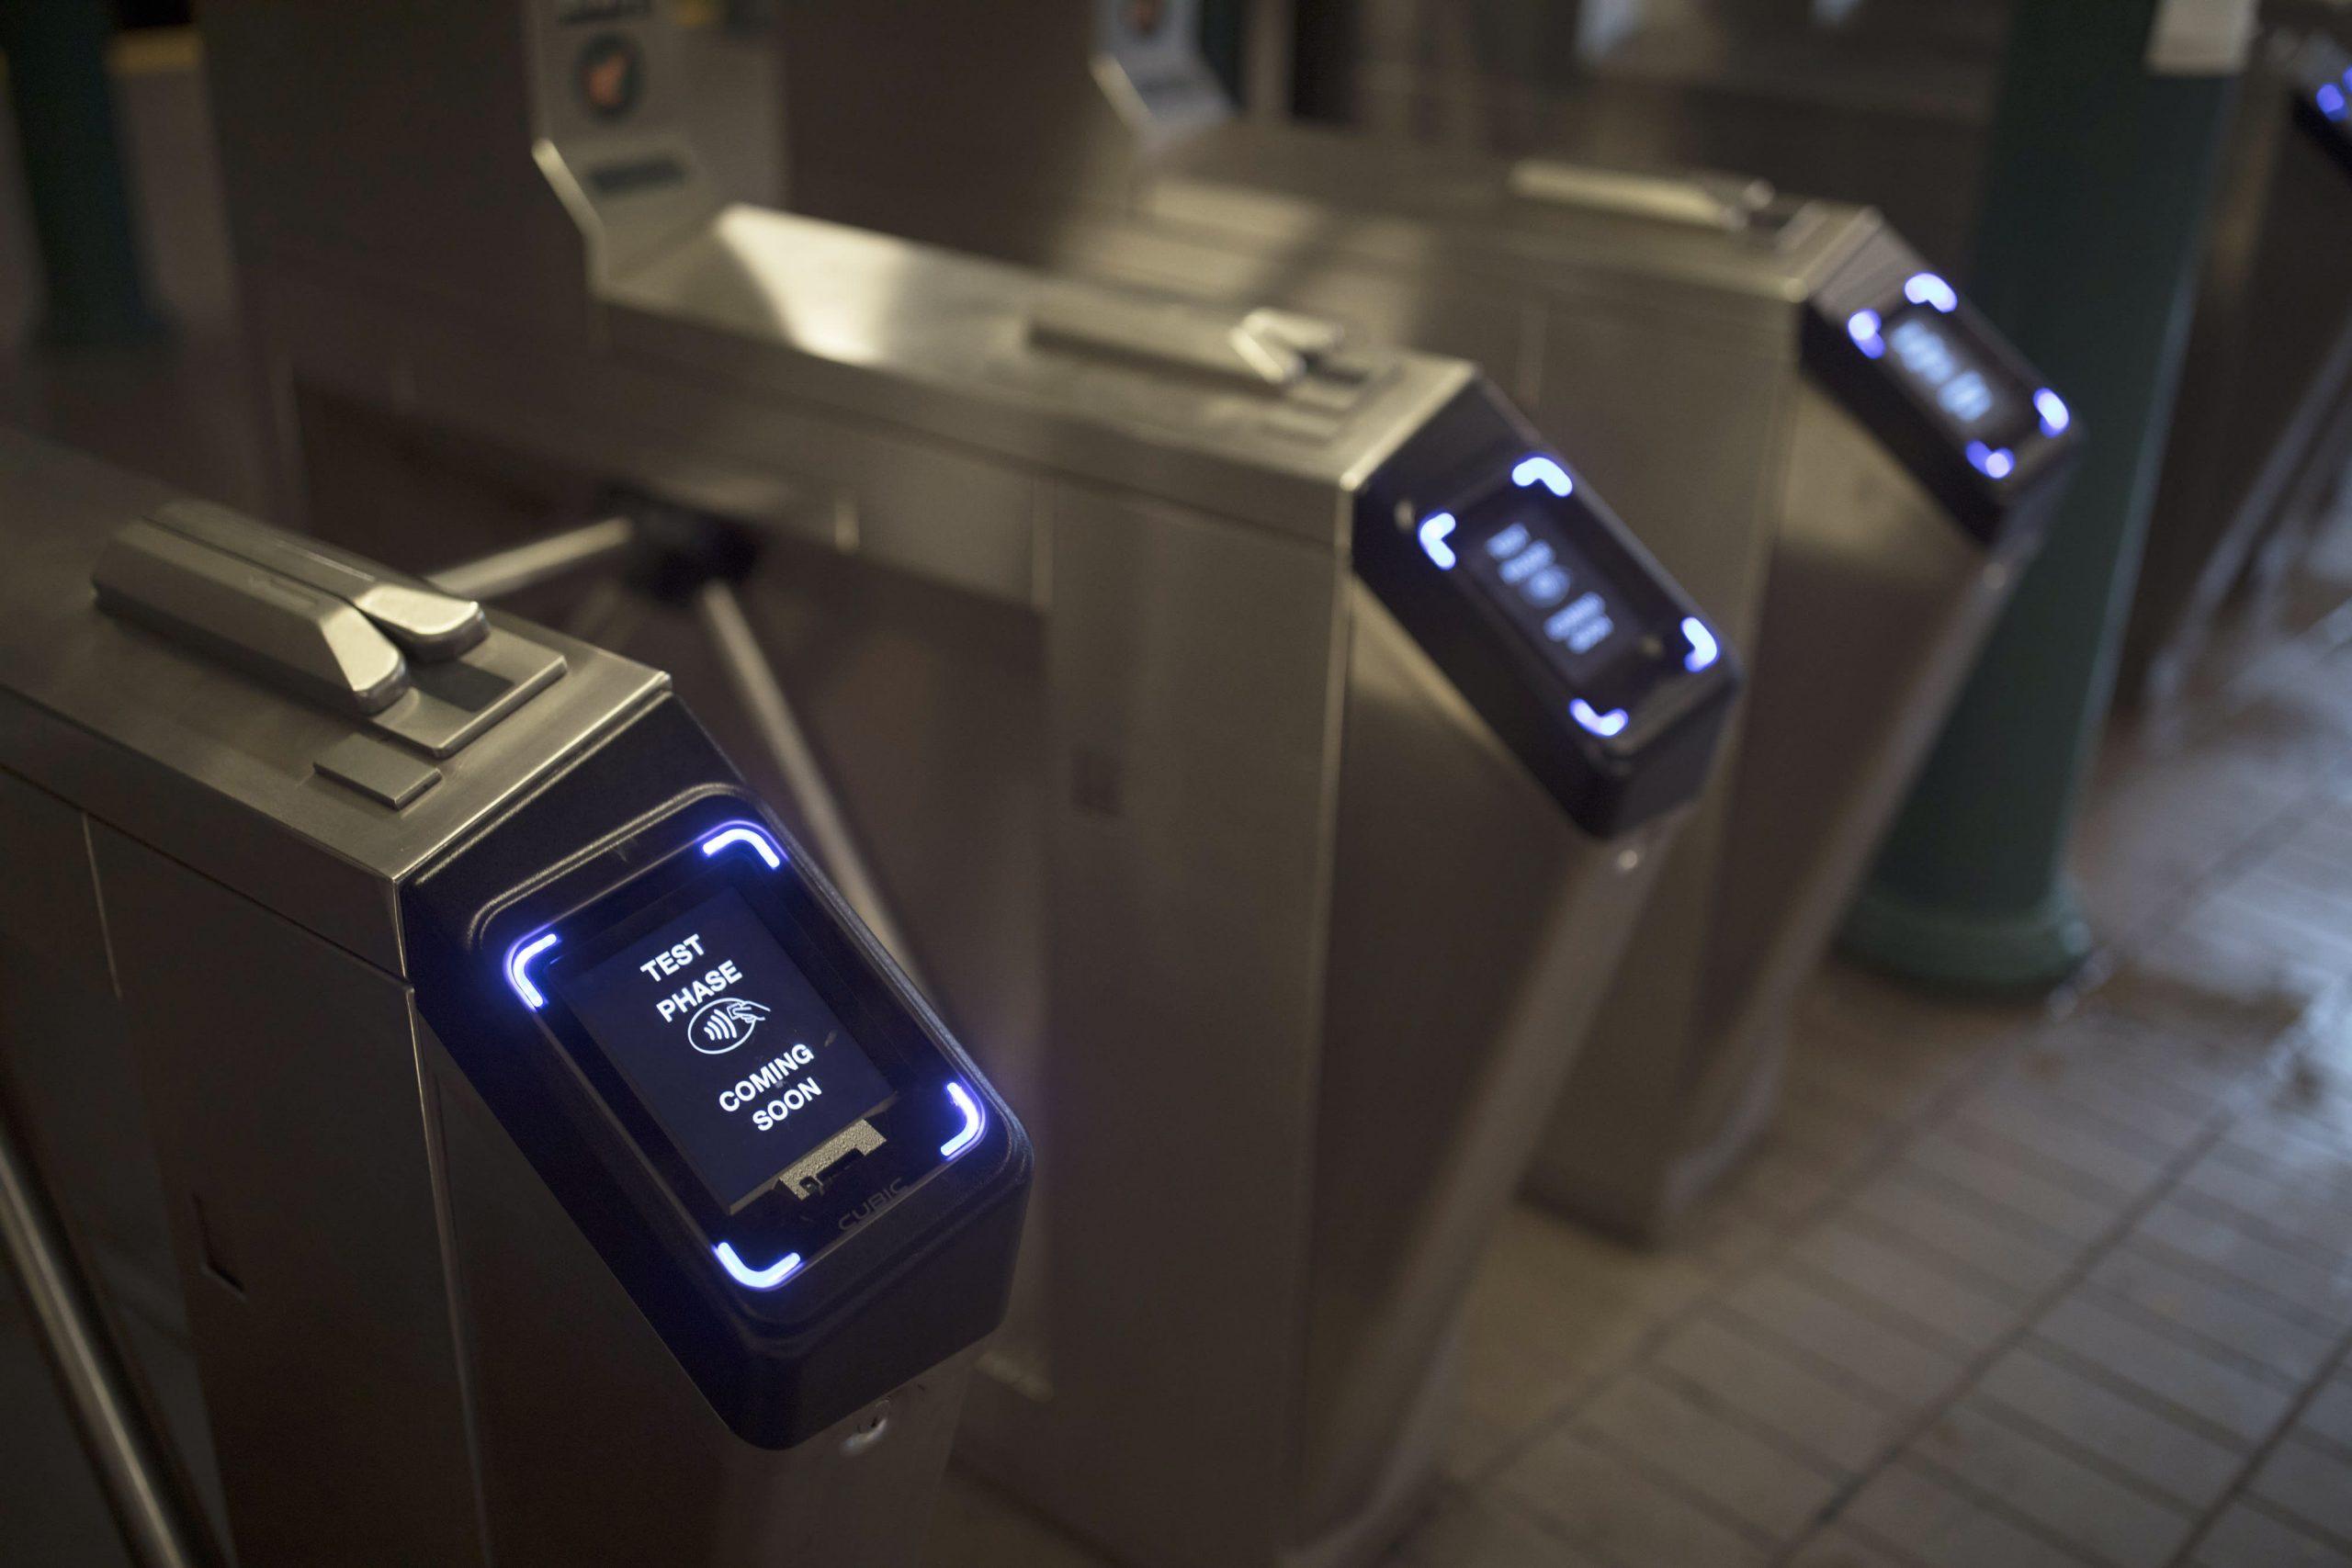 تأخر الطرح الكامل للمدفوعات اللاتلامسية في مترو أنفاق مدينة نيويورك حتى ديسمبر